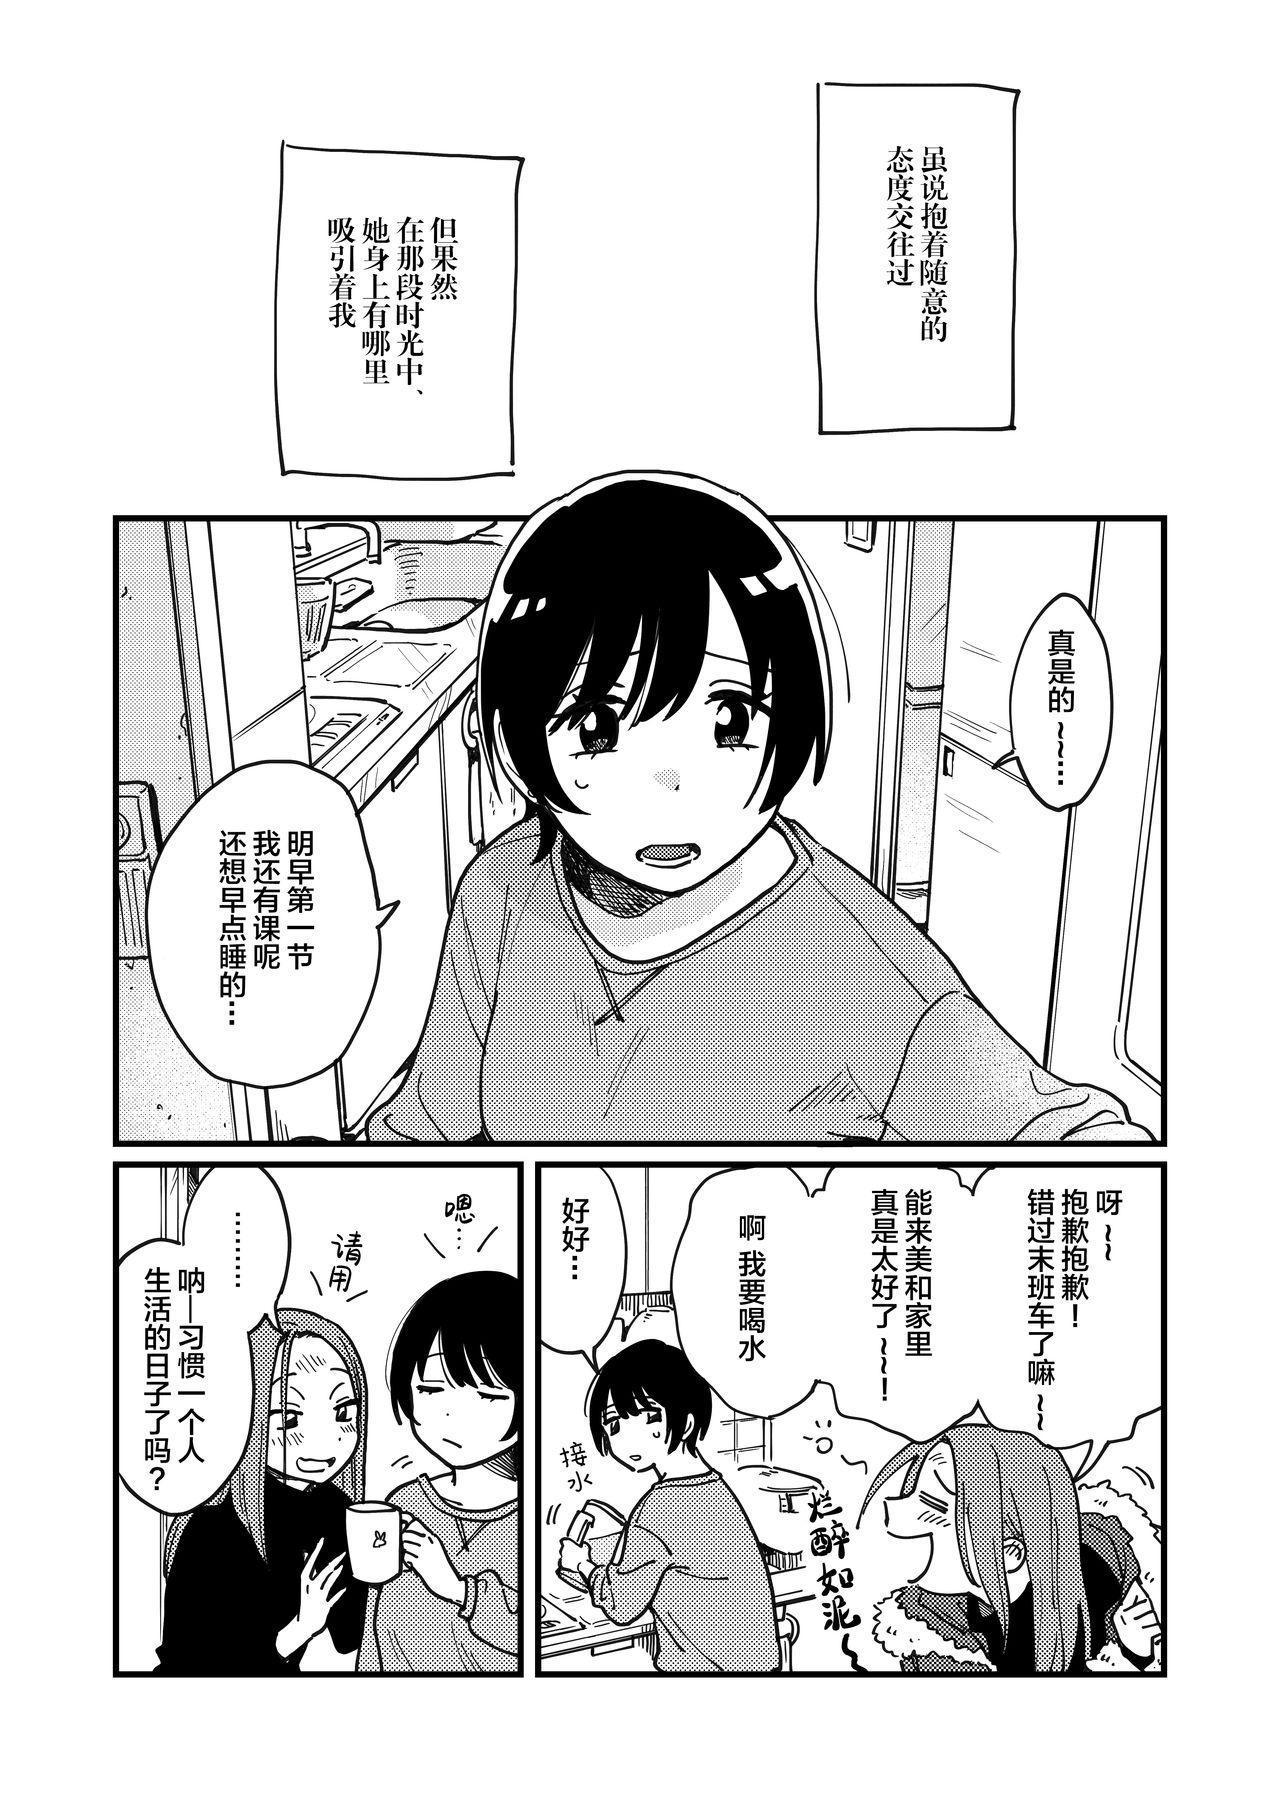 Tsukiatte Nai Kedo Yarimashita | 明明没有在交往,却还是做了 5